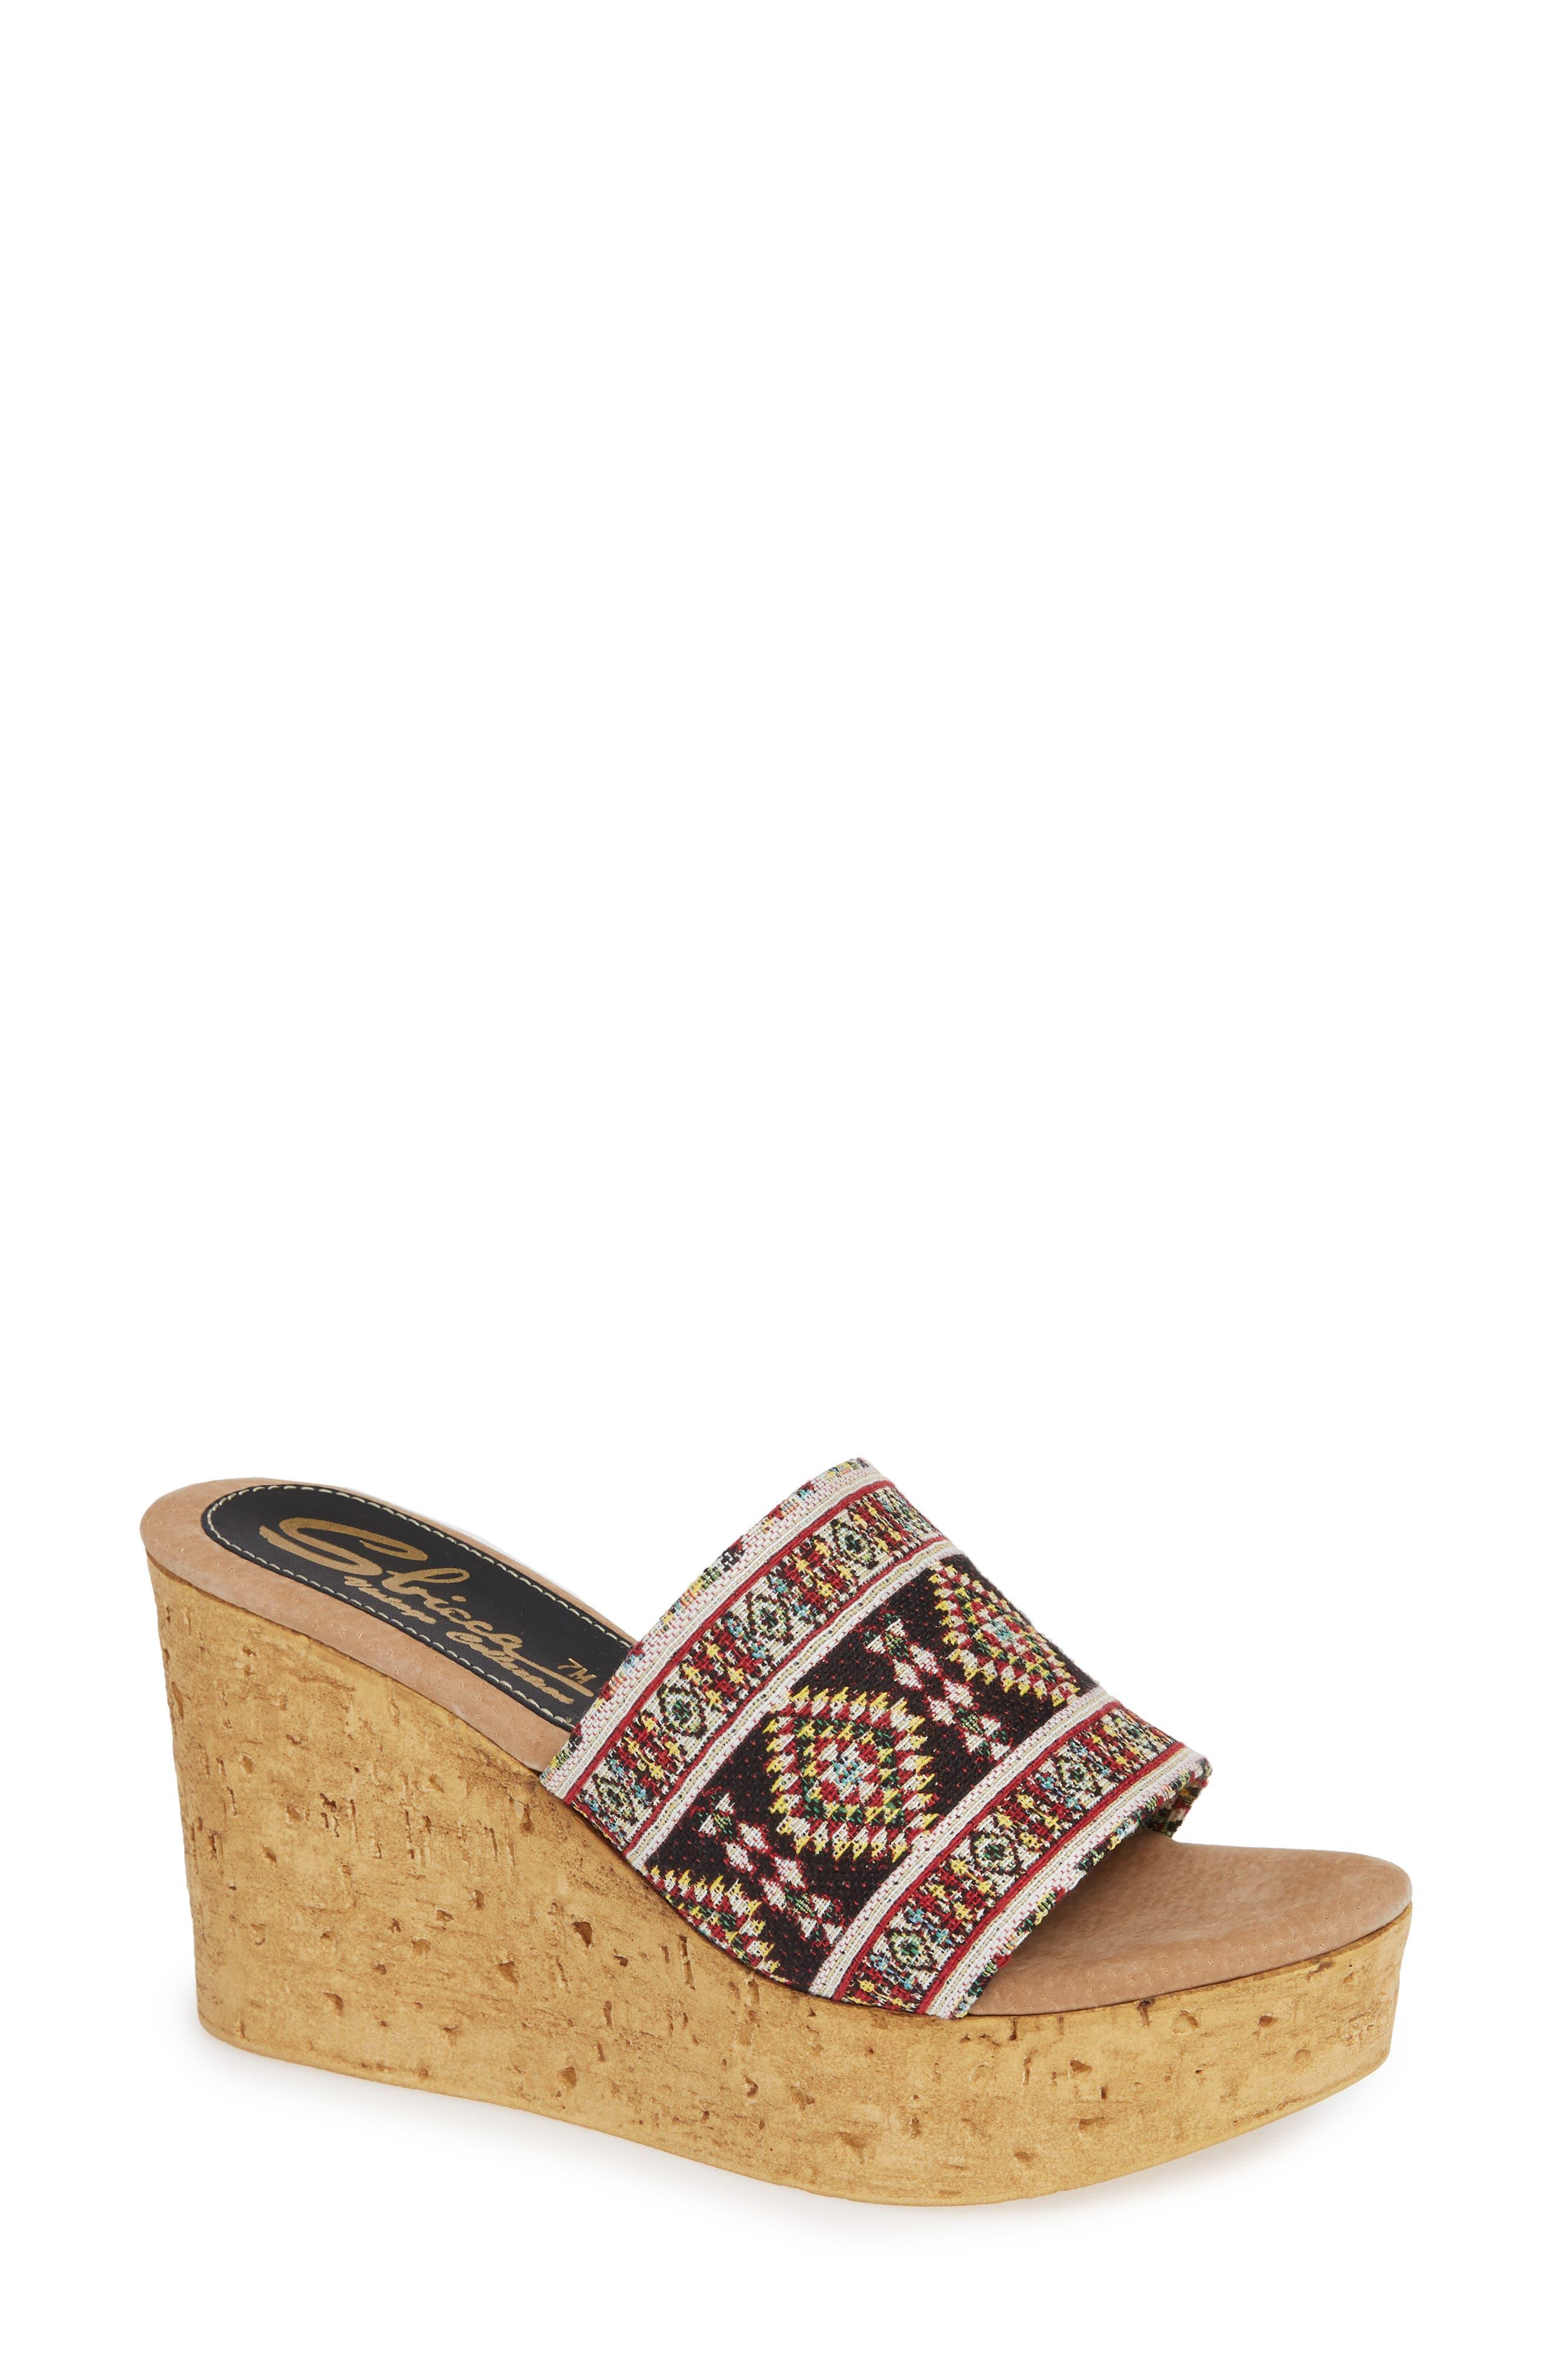 Orabela Platform Wedge Sandal,                         Main,                         color, BLACK MULTICOLOR FABRIC